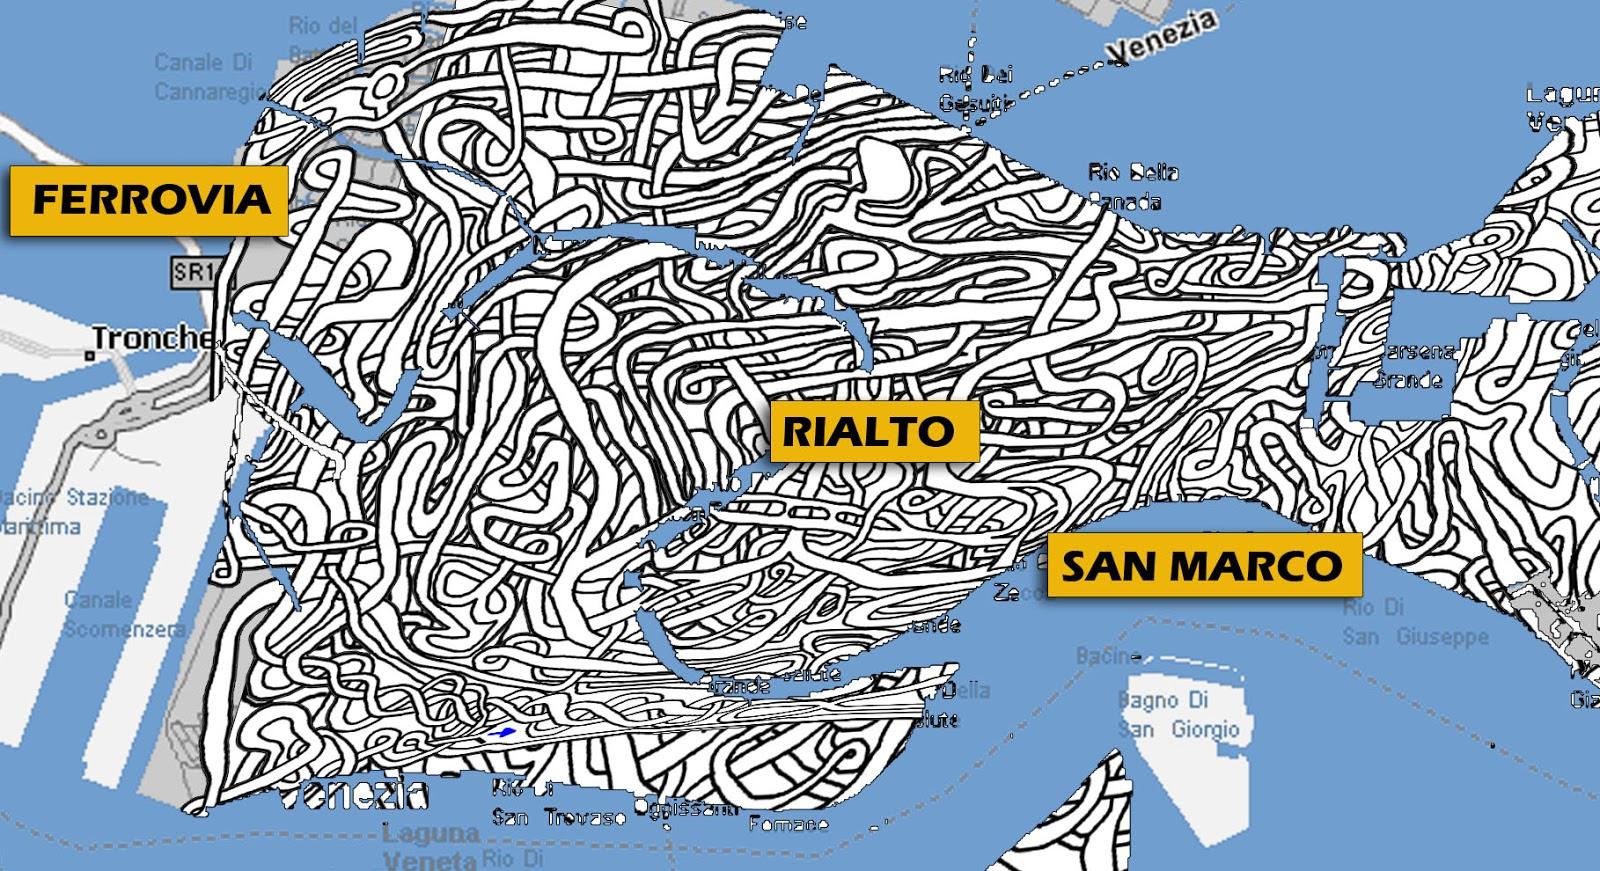 Cartina Venezia Dettagliata.Mi Laboratorio De Ideas Cartina Dettagliata Di Venezia